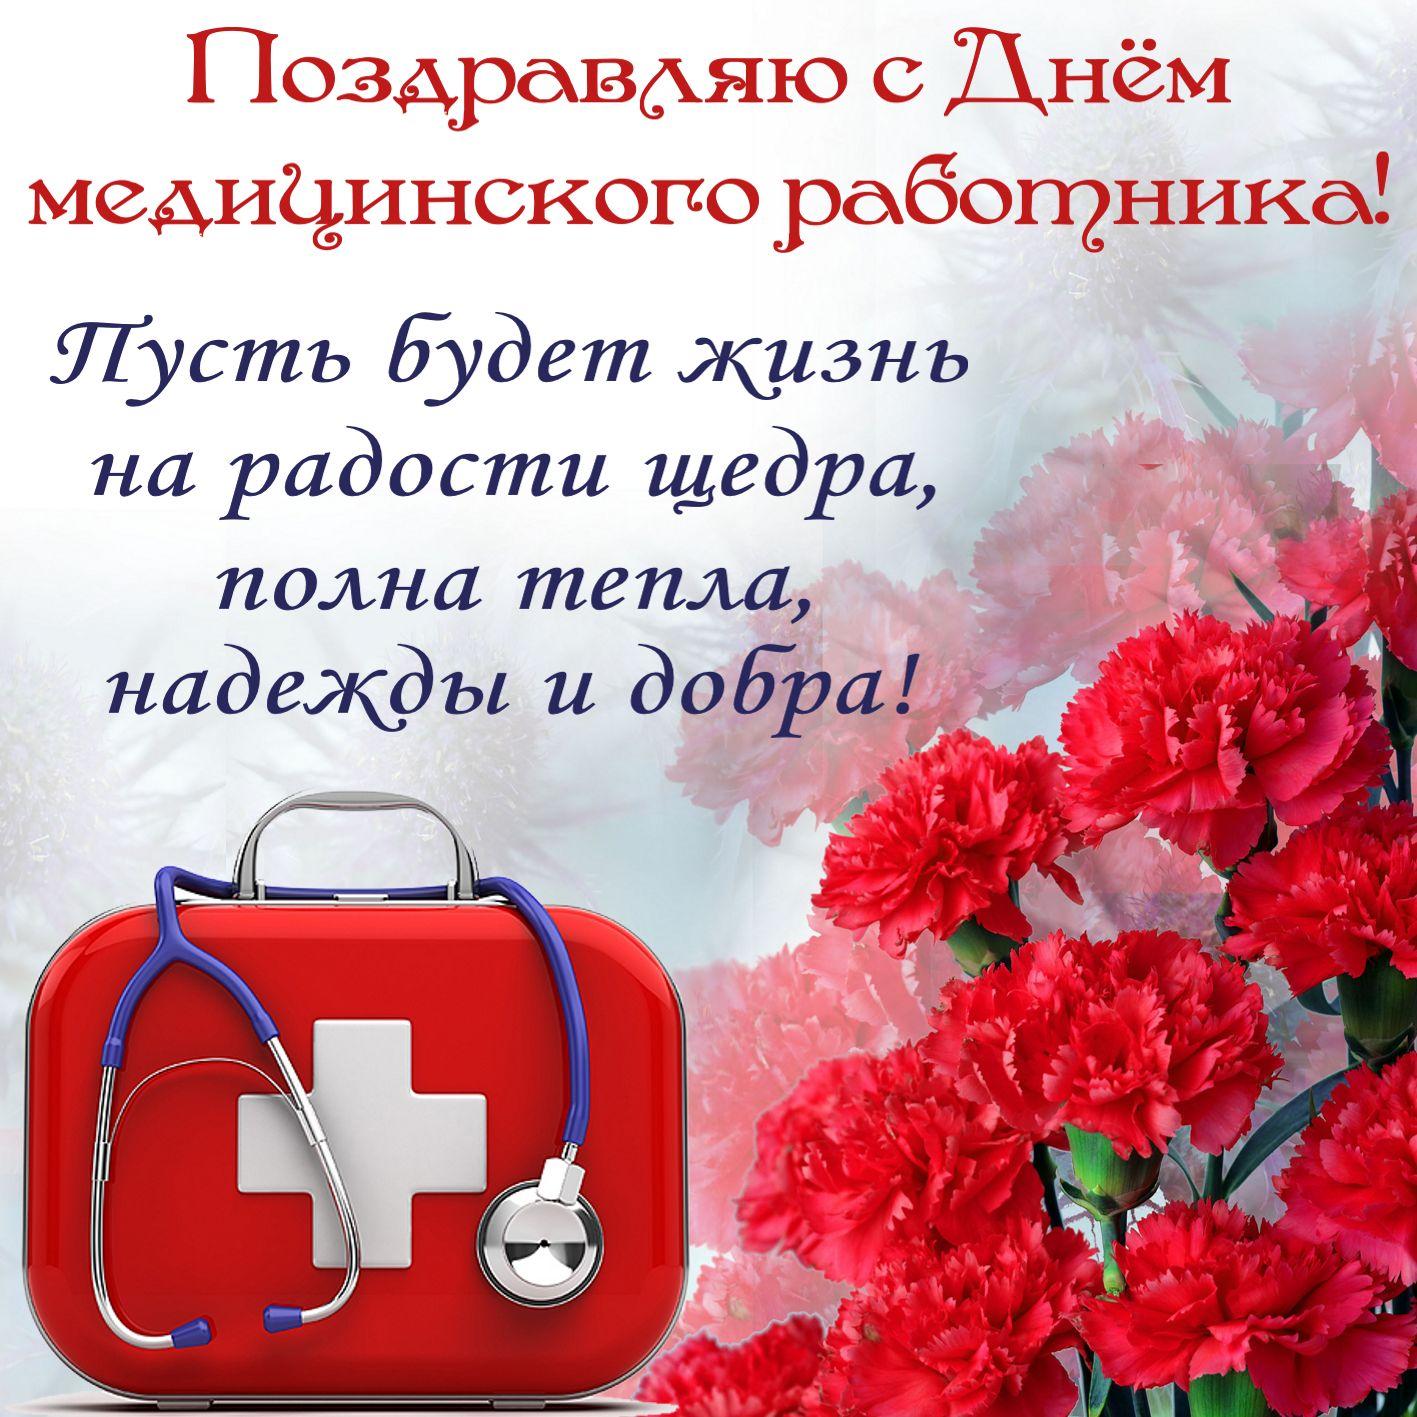 Поздравления на день медика картинки